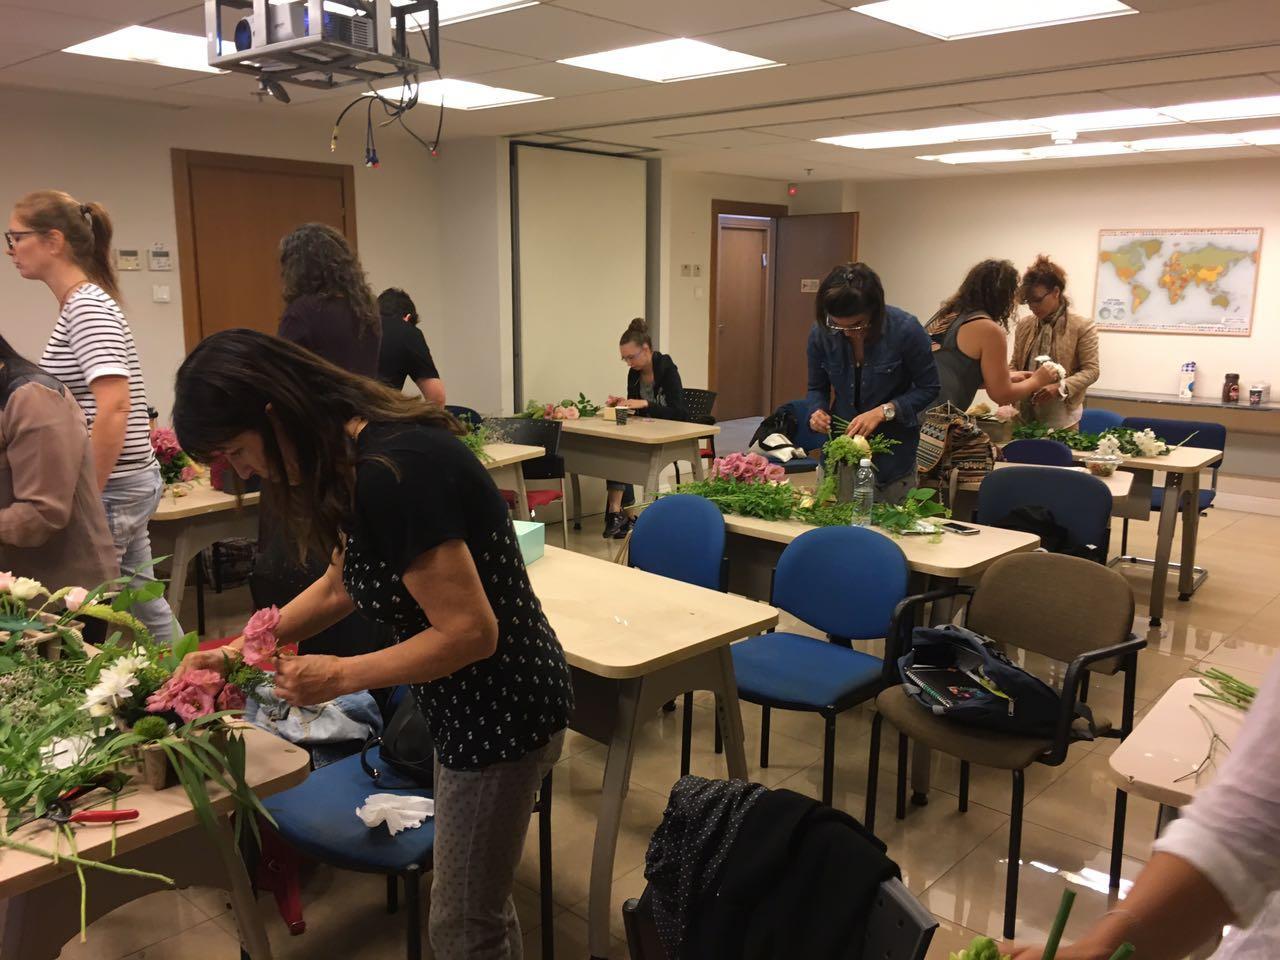 גלרייה - שזירת פרחים - קורס עיצוב ניהול והפקת אירועים מחזור 15, 17 מתוך 22